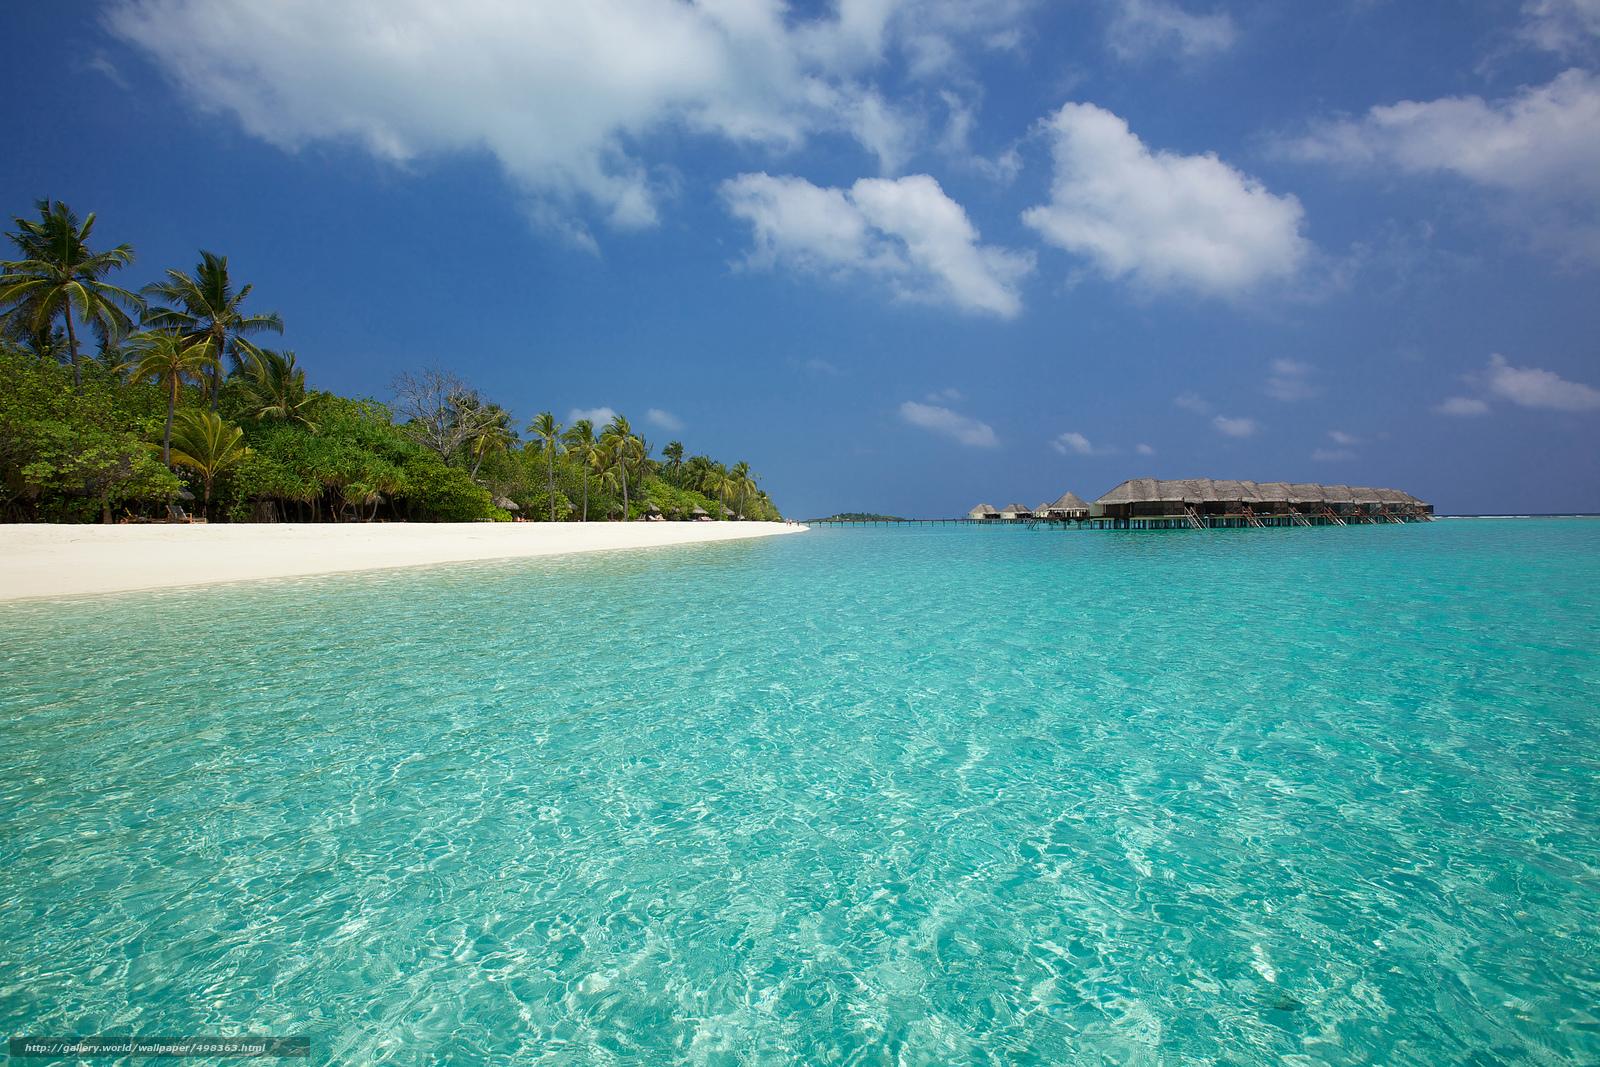 Download Hintergrund Malediven, Tropen, Strand Freie